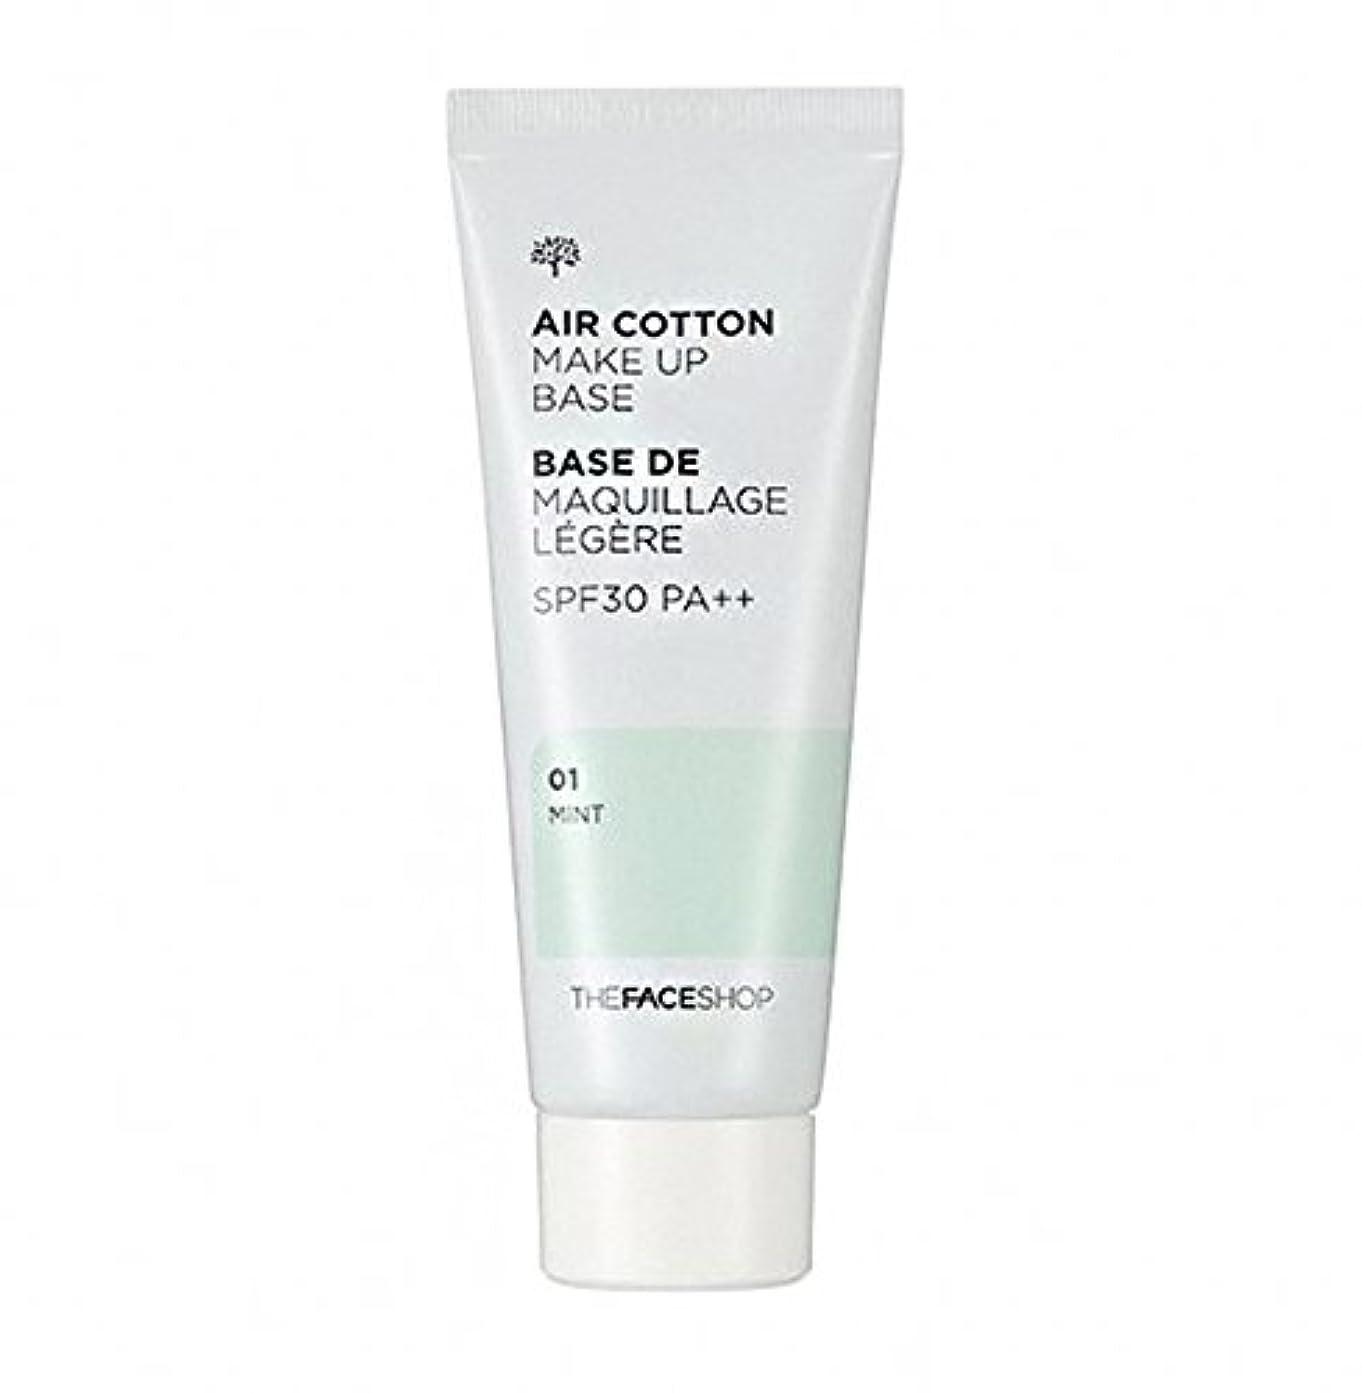 鳥予言するタールザ·フェイスショップ The Face Shop エアコットン メーキャップ ベース 40ml(01 ミント) The Face Shop air Cotton Makeup Base 40ml(01 Mint) [海外直送品]